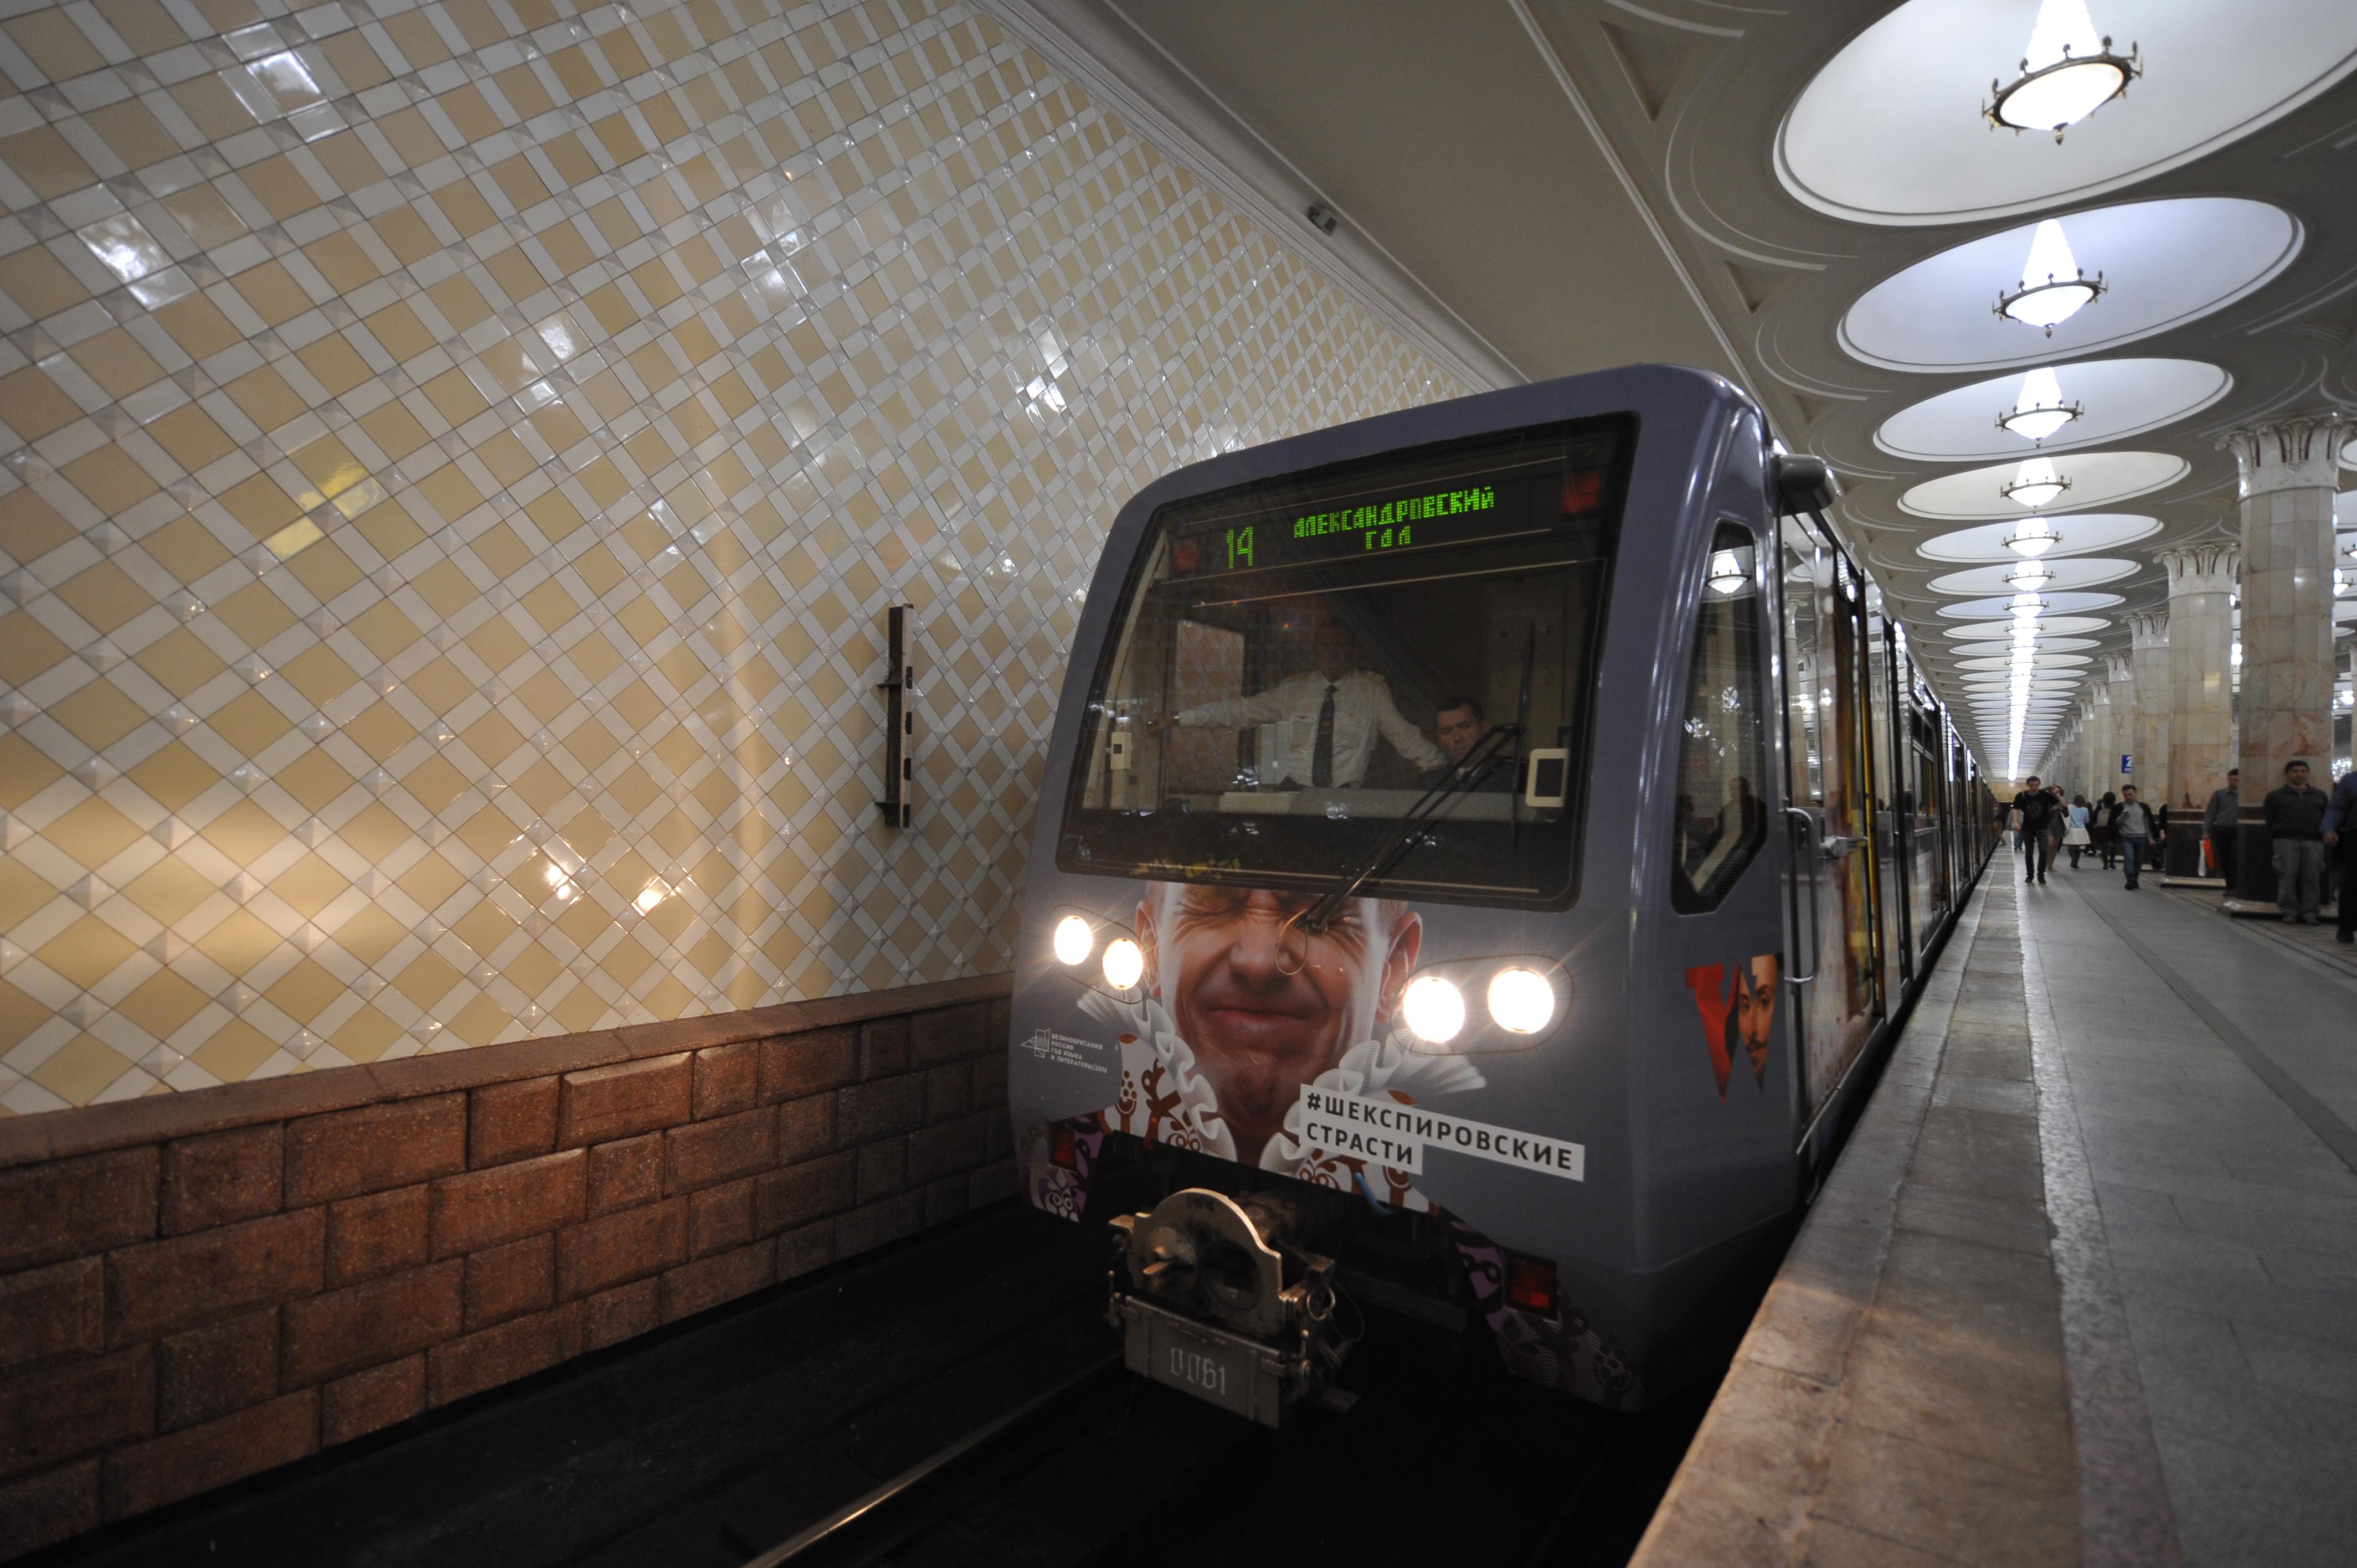 Марат Хуснуллин: Четыре станции Сокольнической линии сократят время в пути жителям Новой Москвы